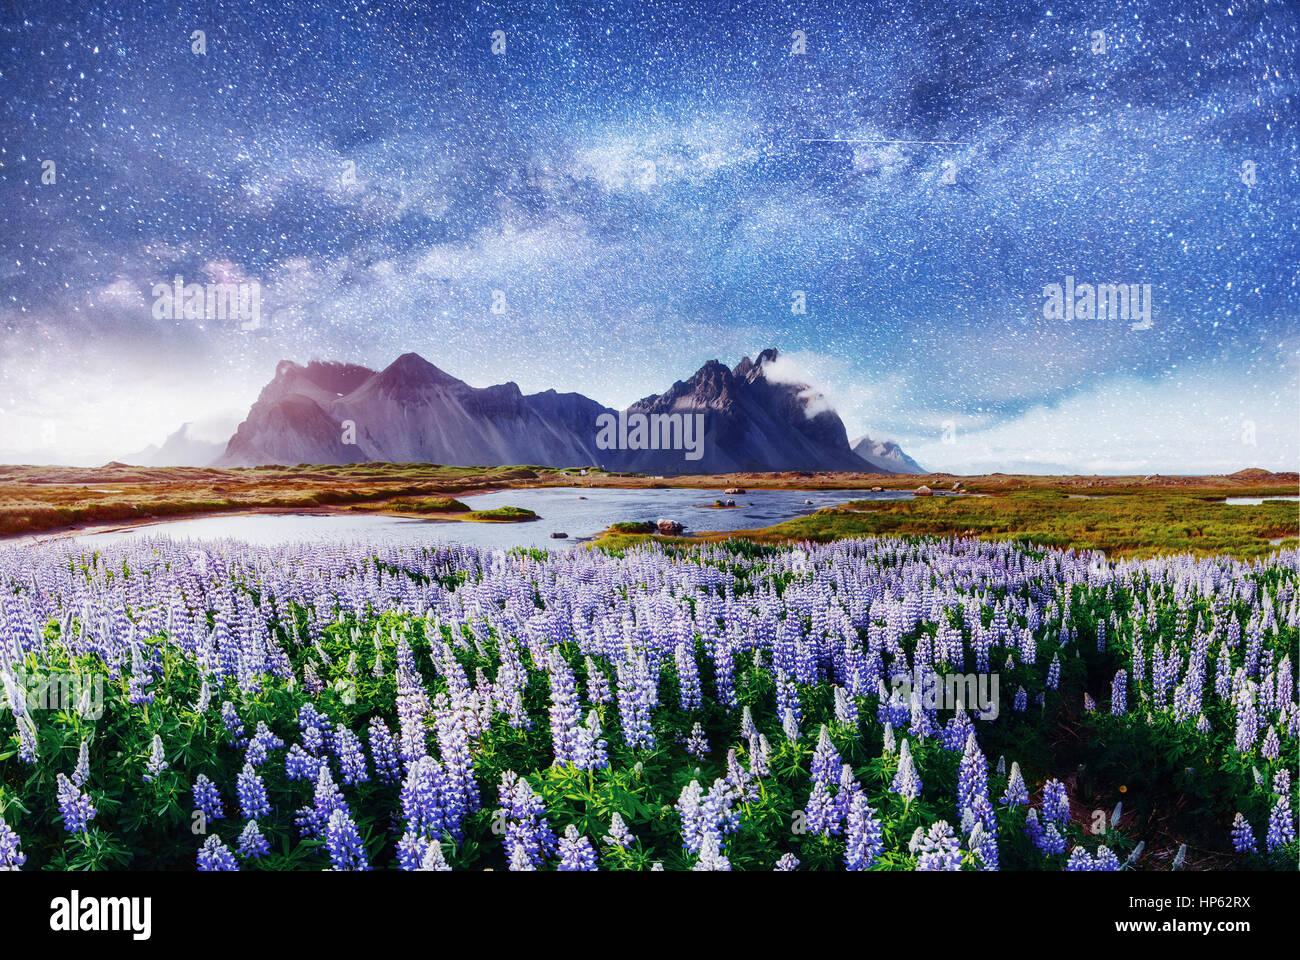 Les pittoresques paysages de forêts et de montagnes de l'Islande. Photo Stock